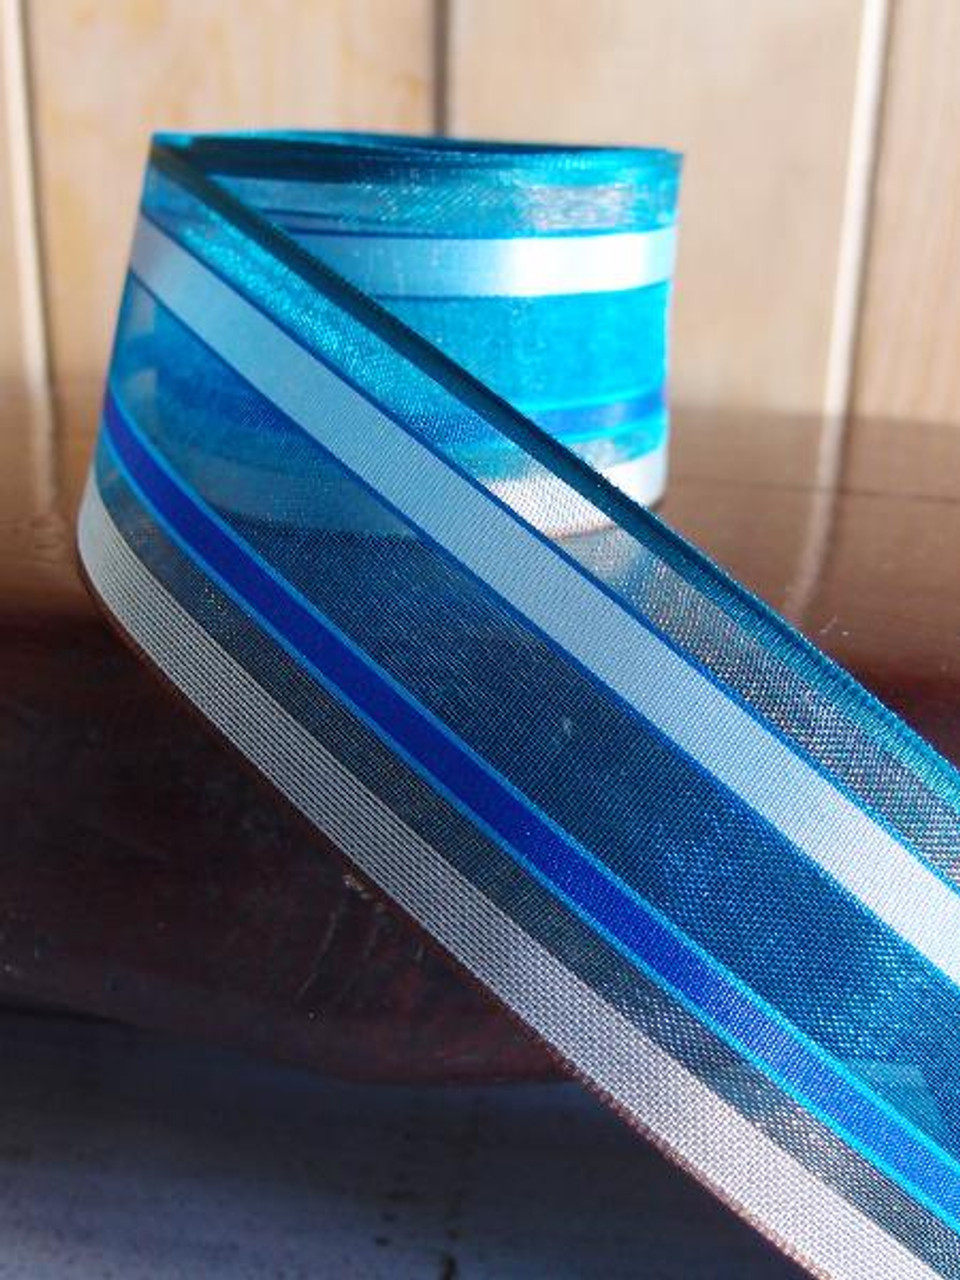 Blue-Royal Blue-White Multi-Stripes Sheer Ribbon